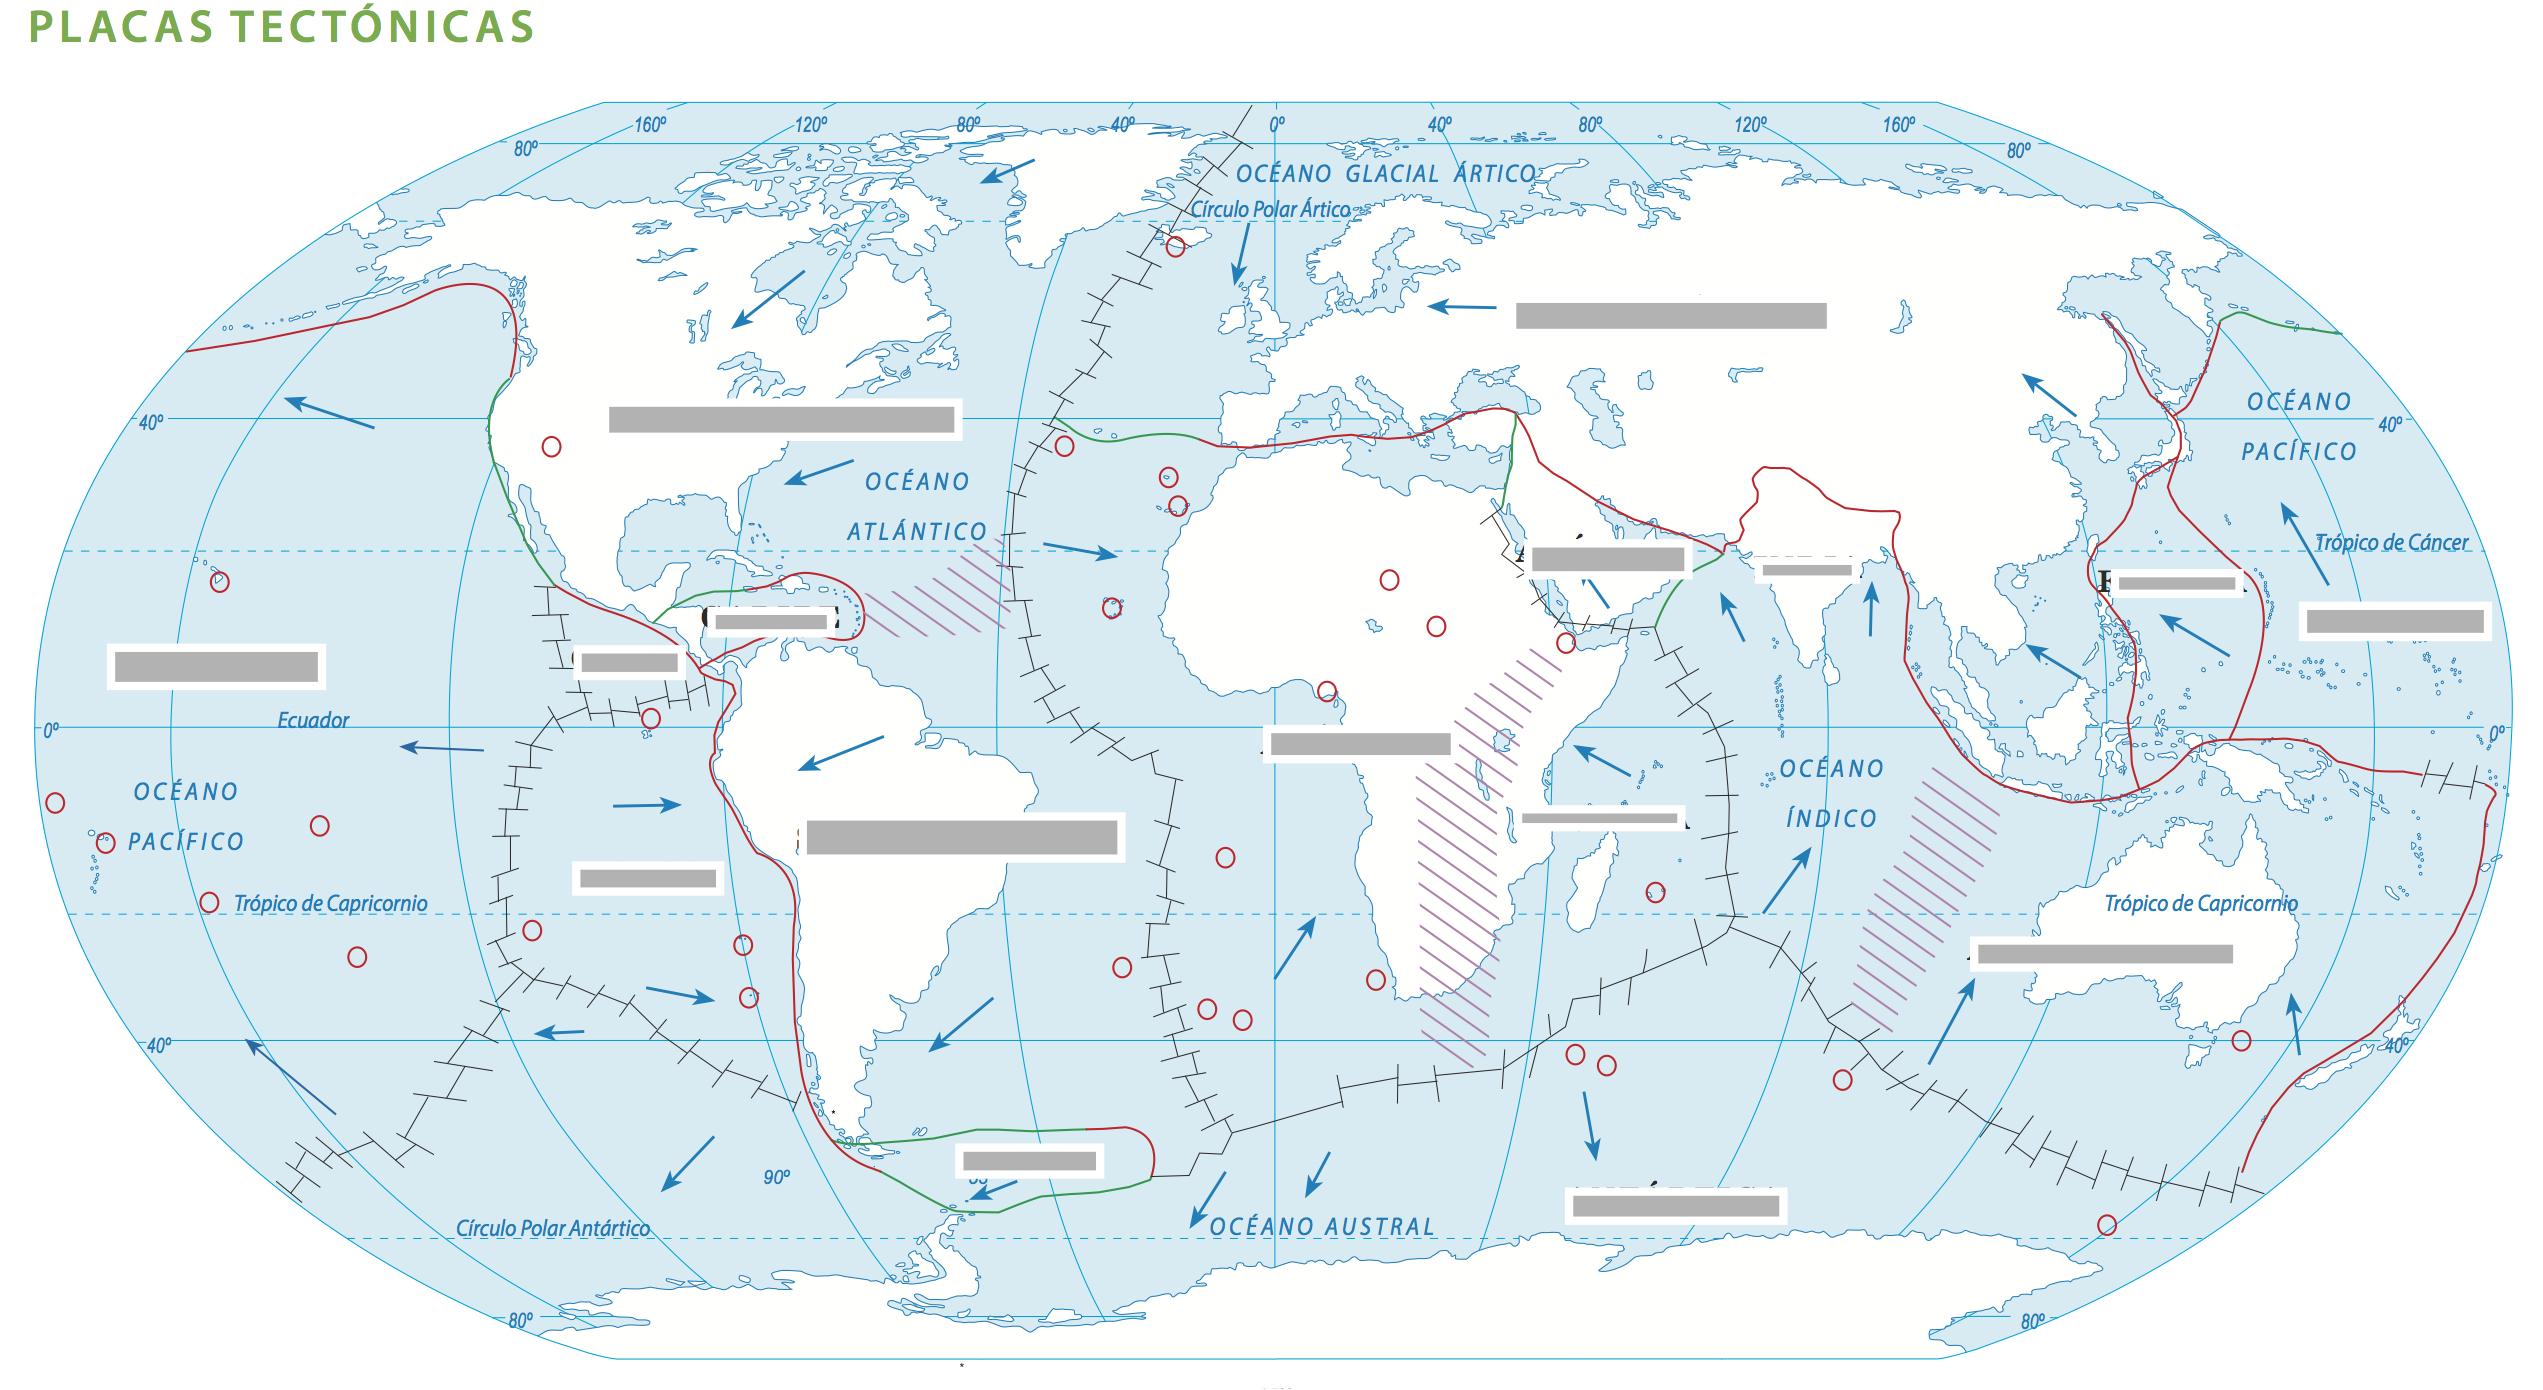 Juegos de Geografa  Juego de Placas Tectnicas  Cerebriti